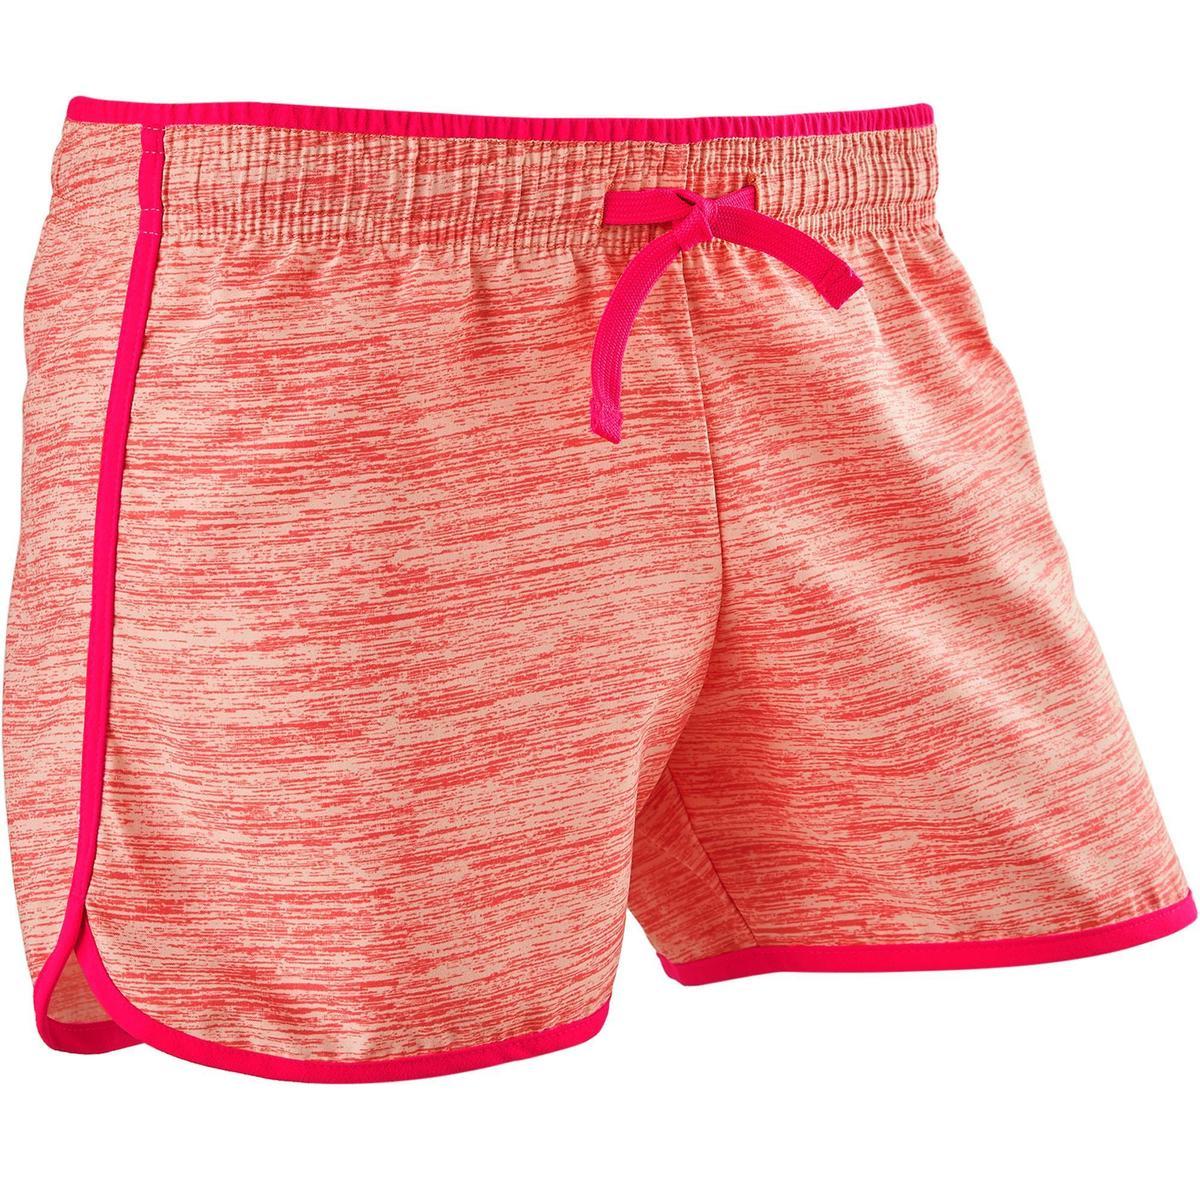 Bild 1 von Sporthose kurz W500 Gym Mädchen rosa